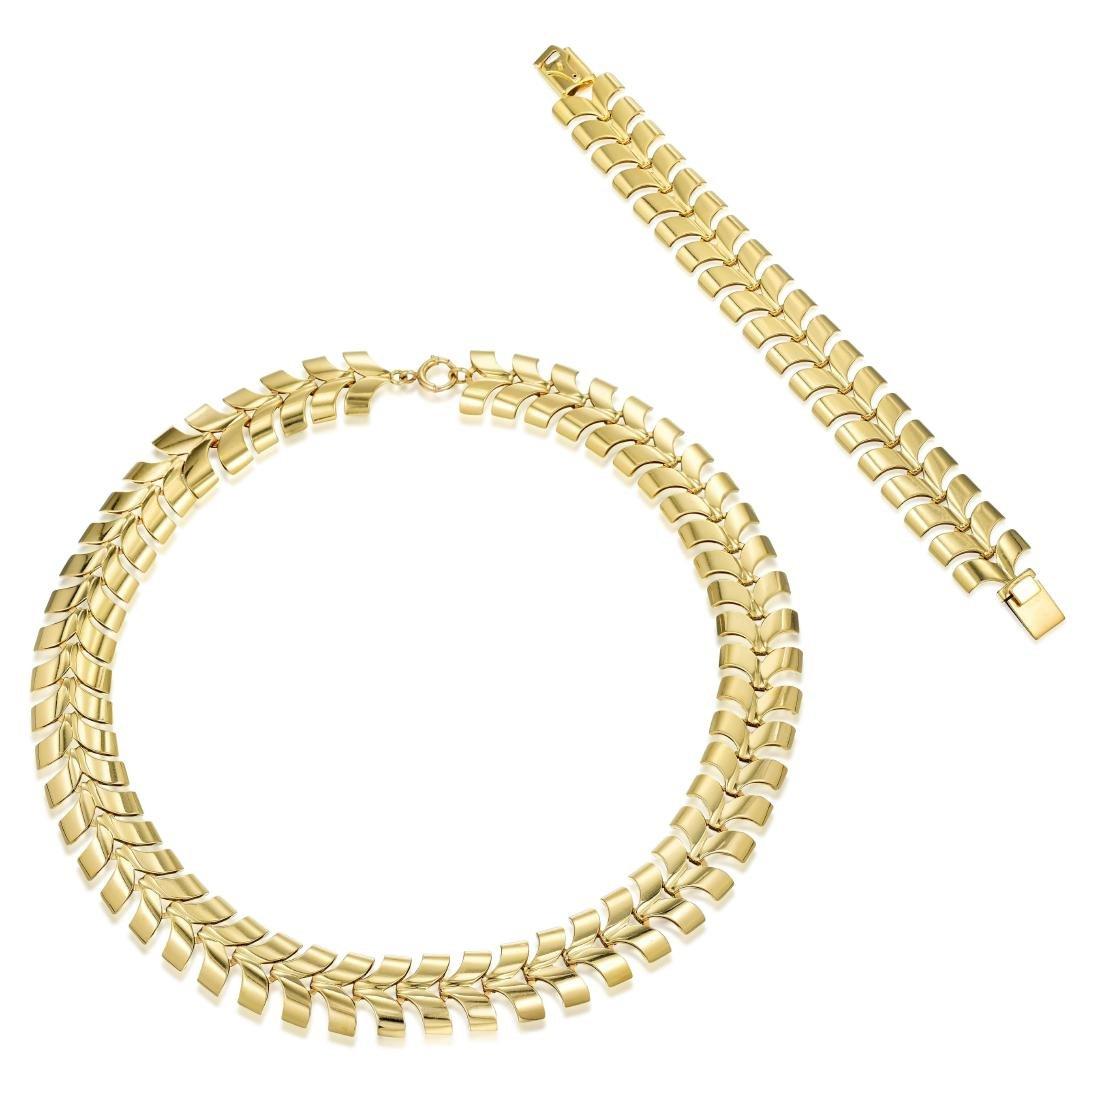 Tiffany & Co. Gold Necklace and Bracelet Set